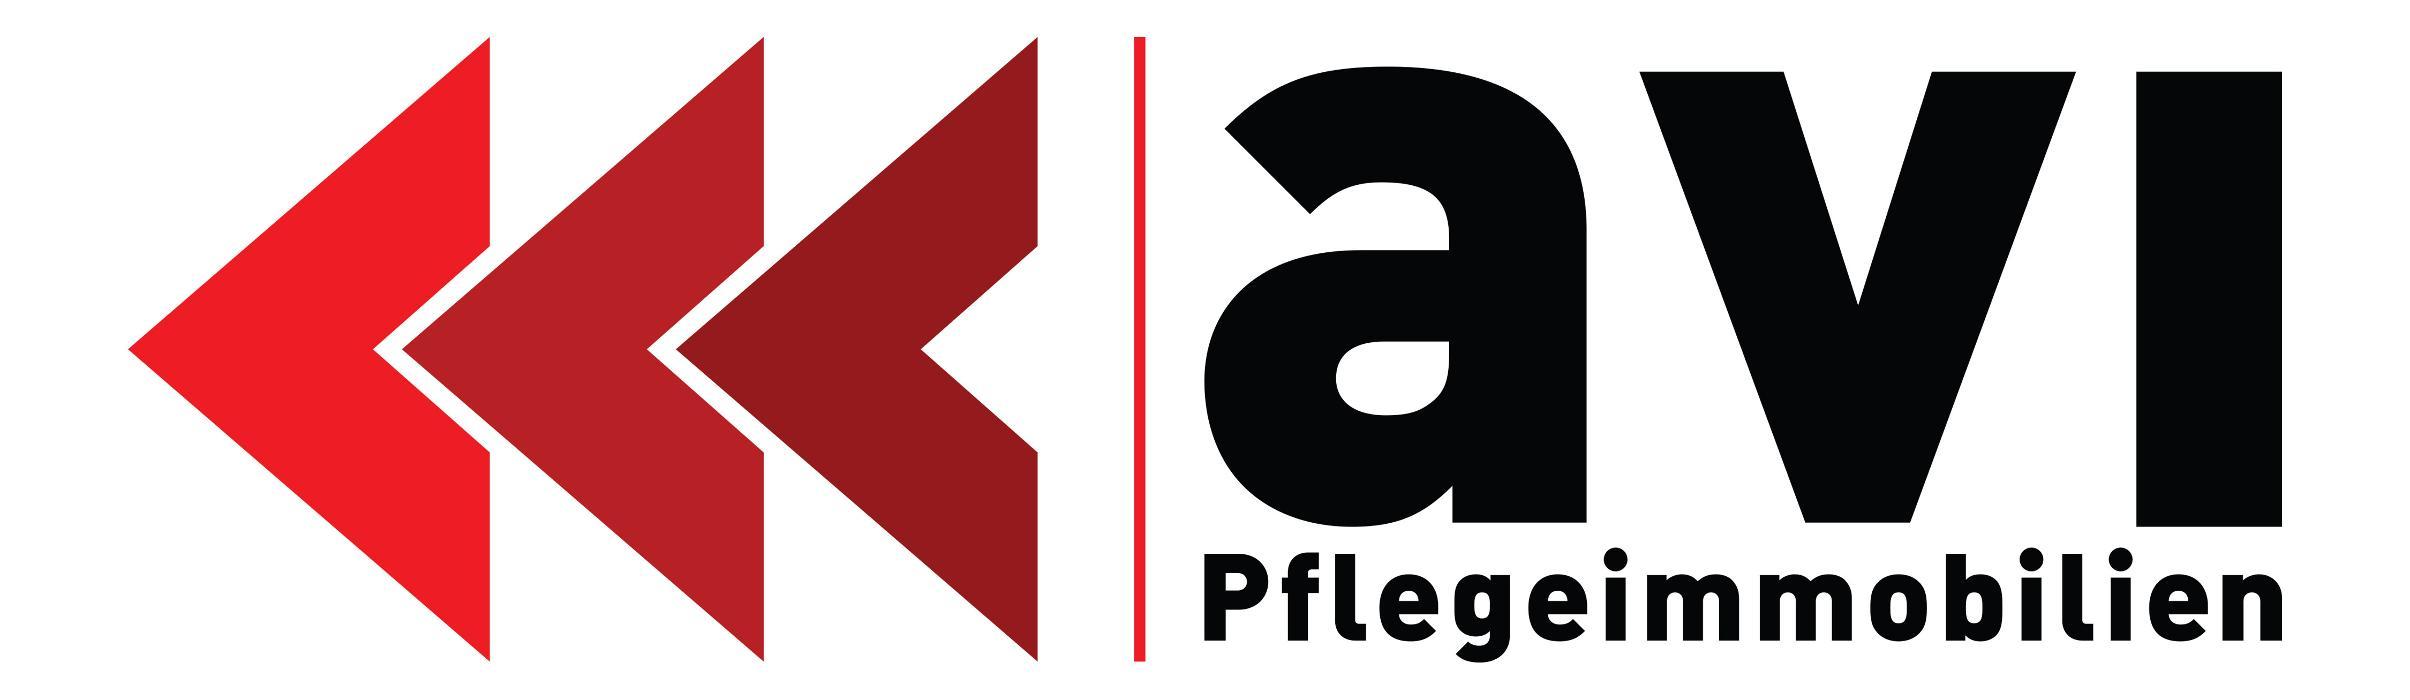 Bild zu avi Pflegeimmobilien GmbH in Graben Neudorf